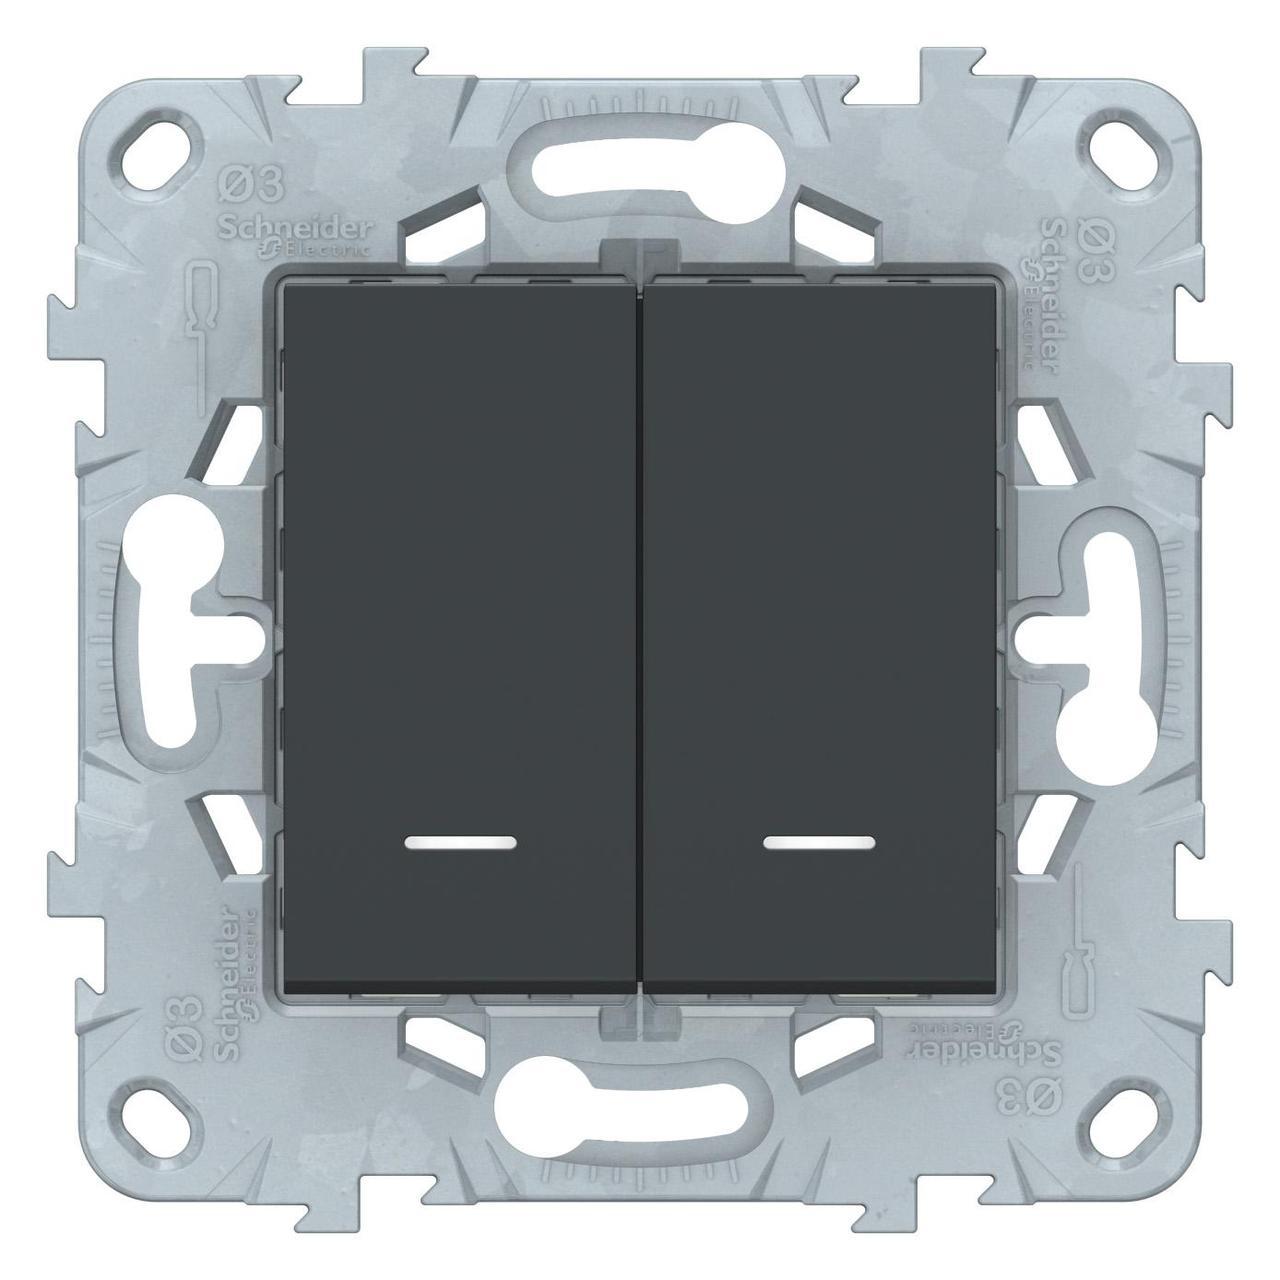 Выключатель 2-клавишный проходной с подсветкой (с двух мест) , Антрацит, серия Unica New, Schneider Electric